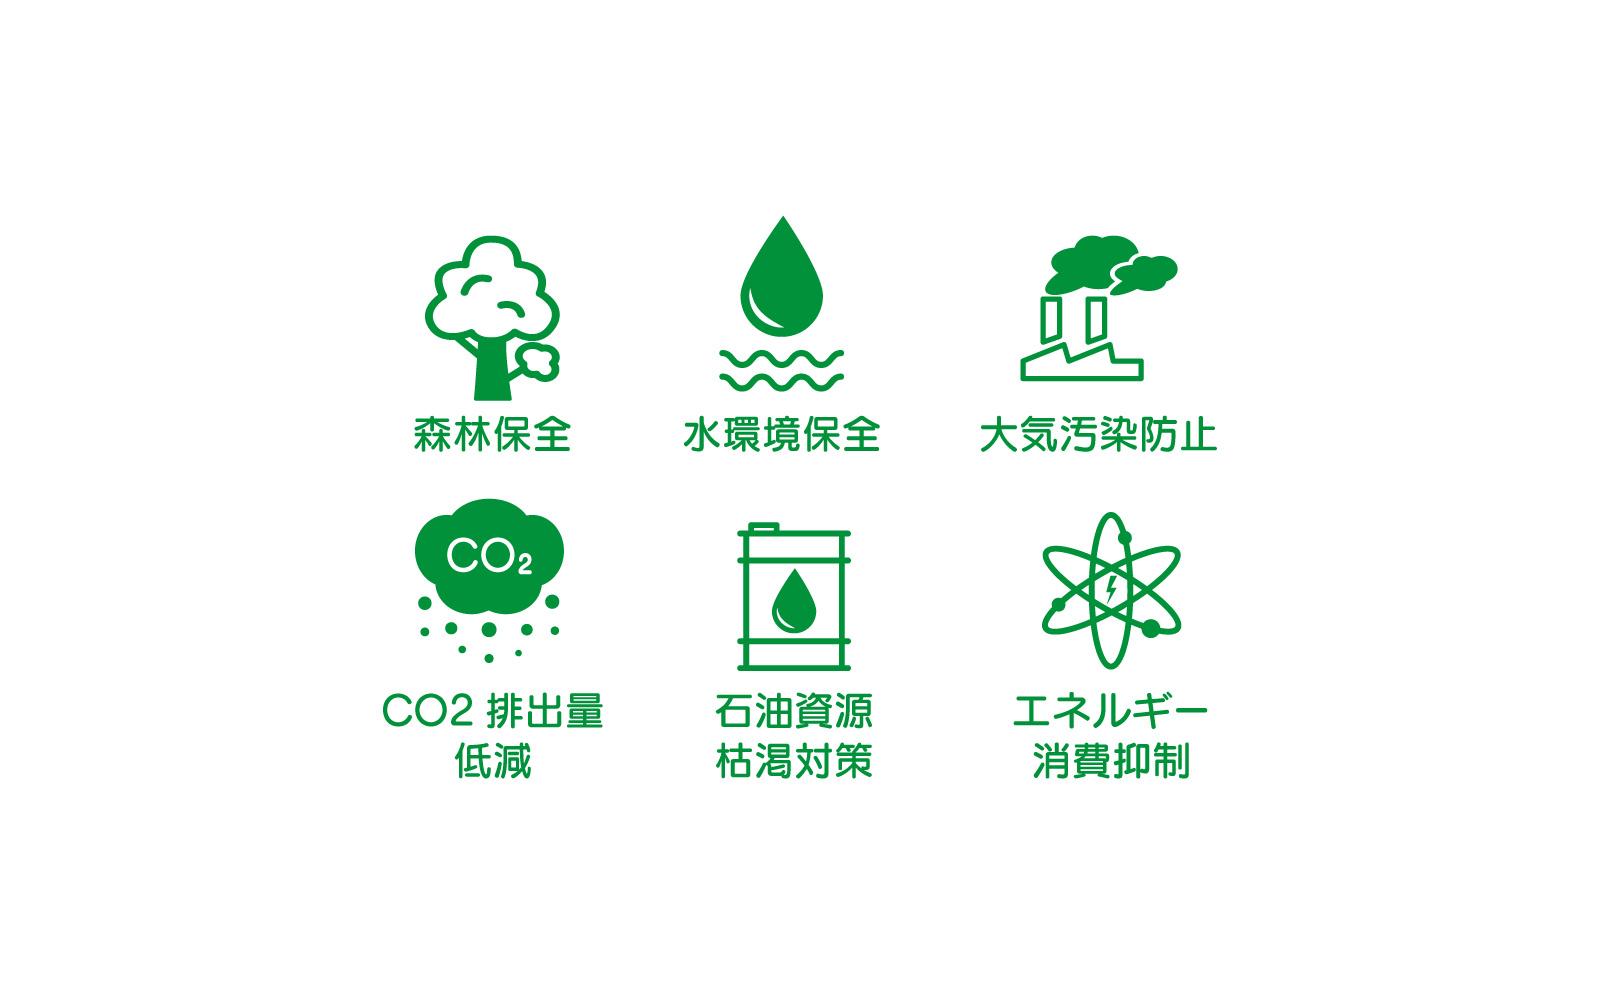 環境負荷の低減と経済性の両立